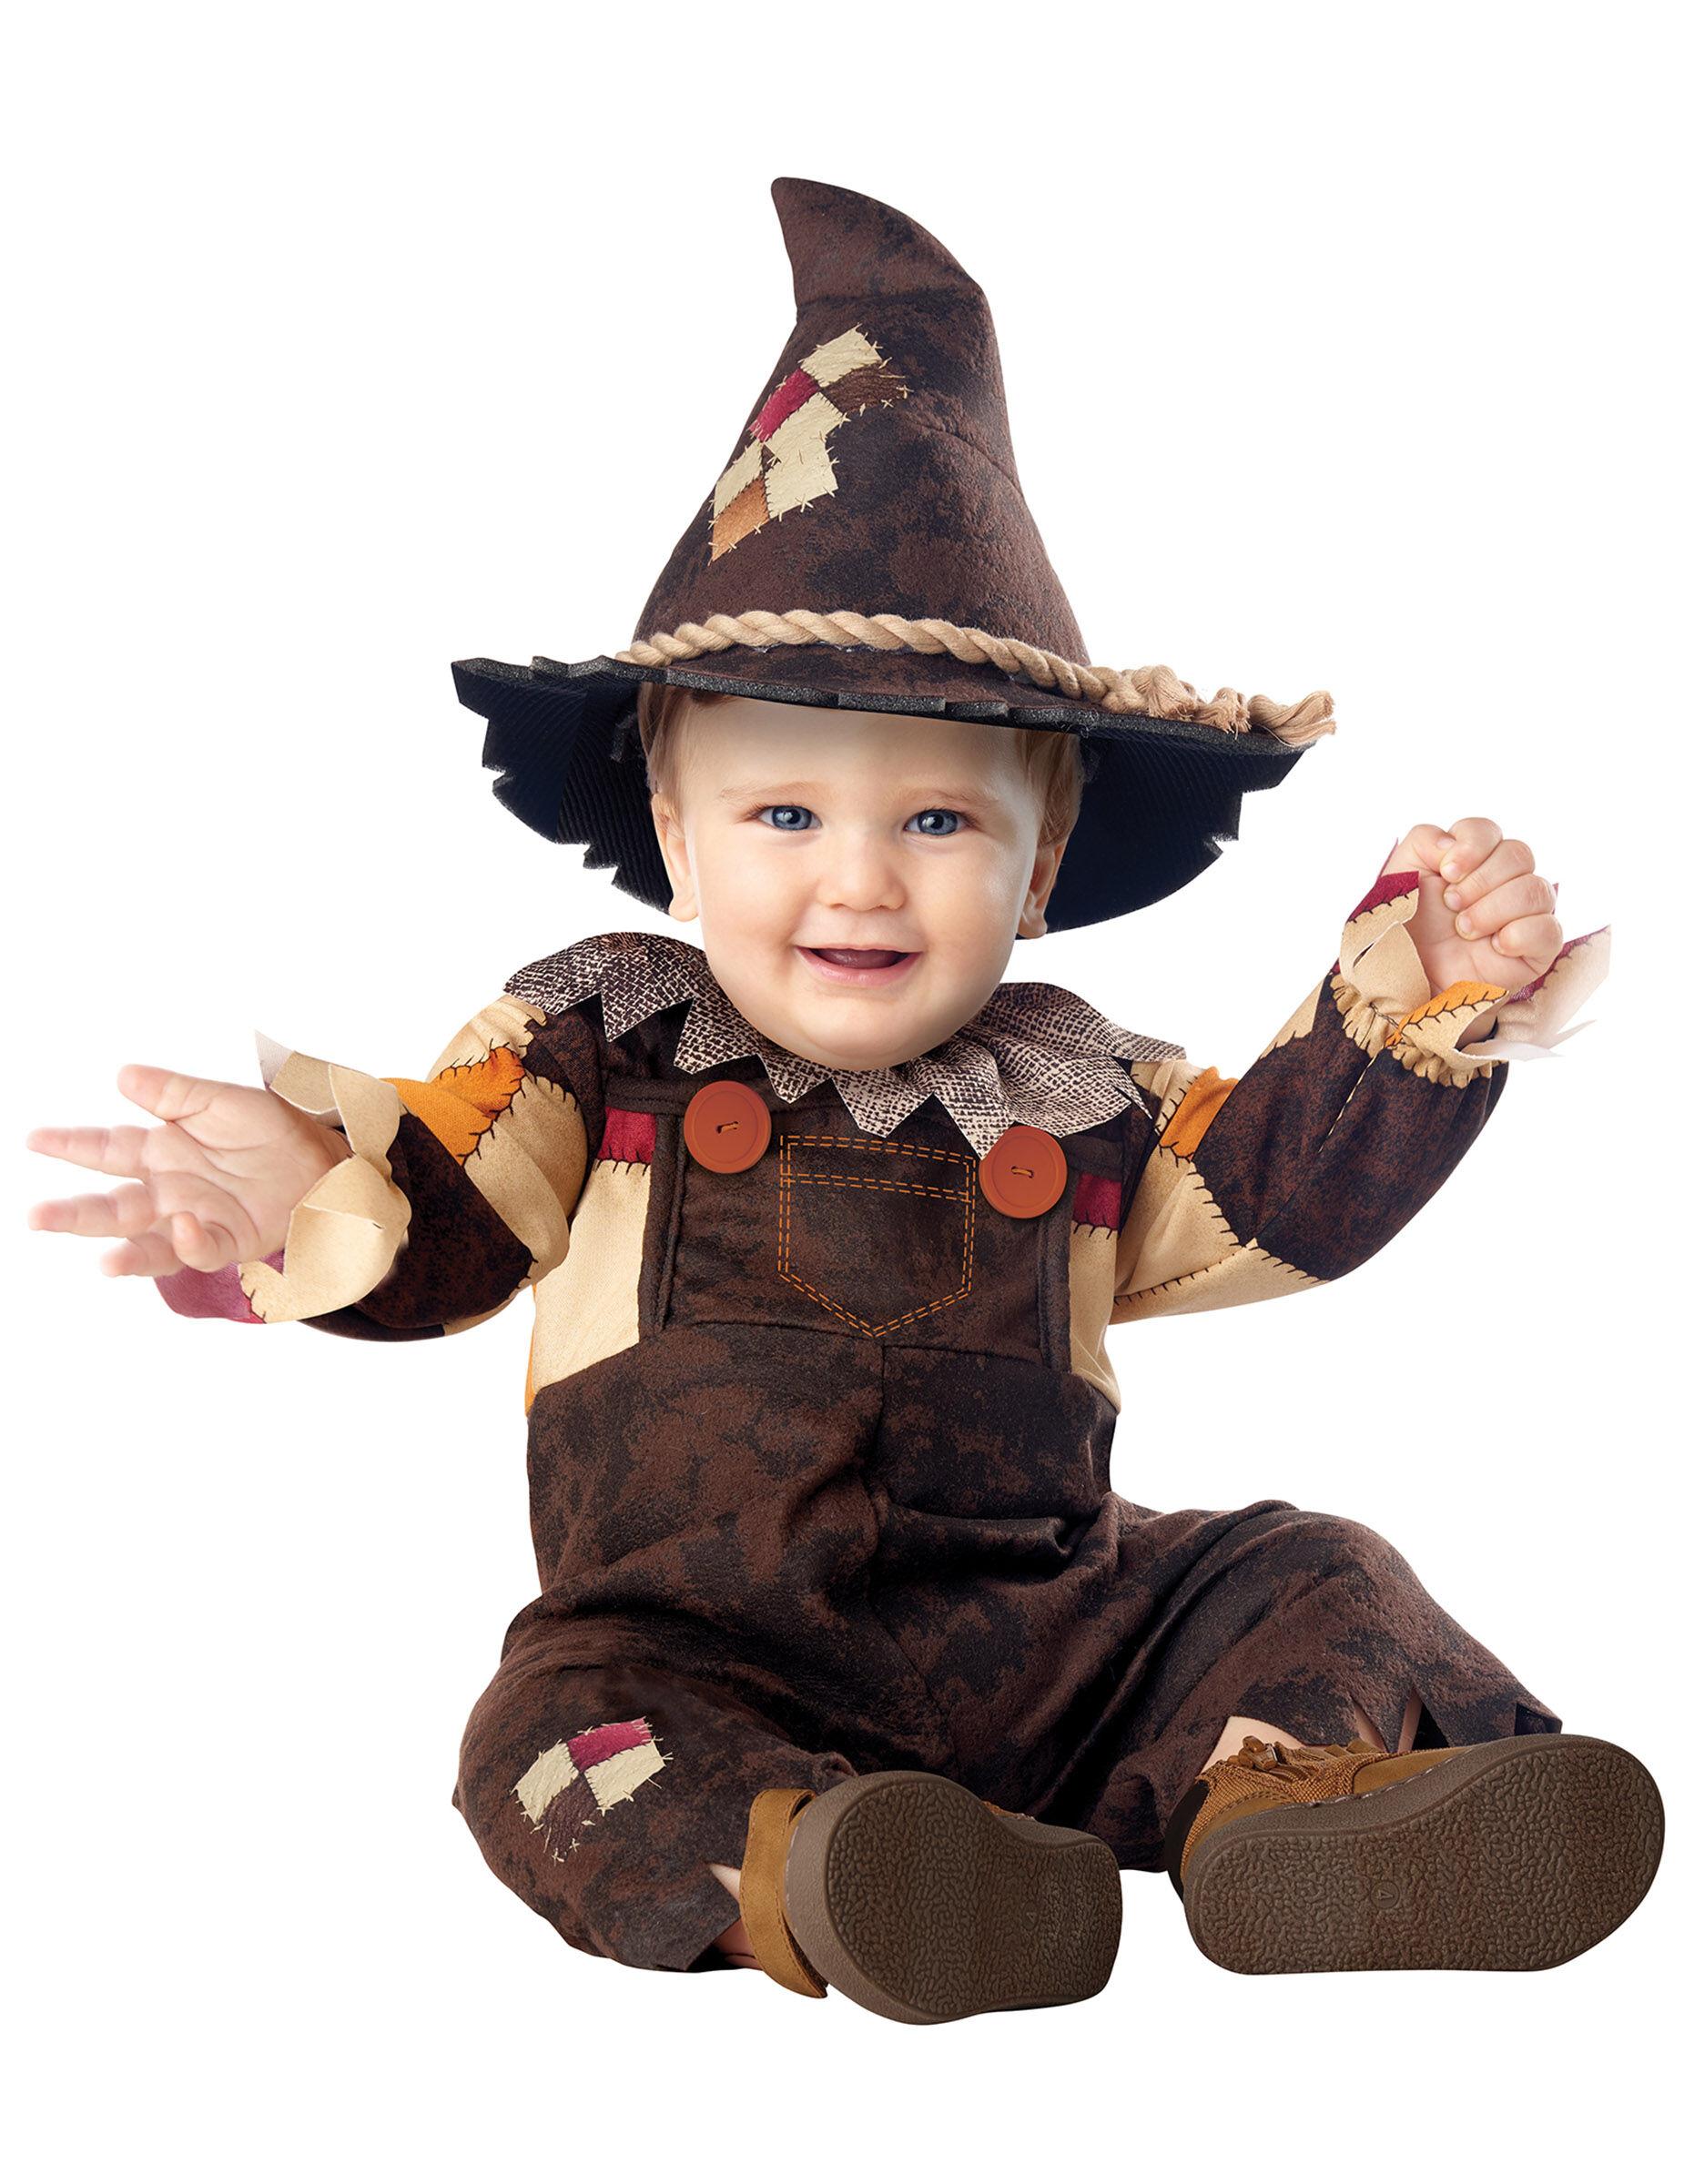 VegaooParty Déguisement joyeux épouvantail bébé - Taille: 12-18 mois (81cm)